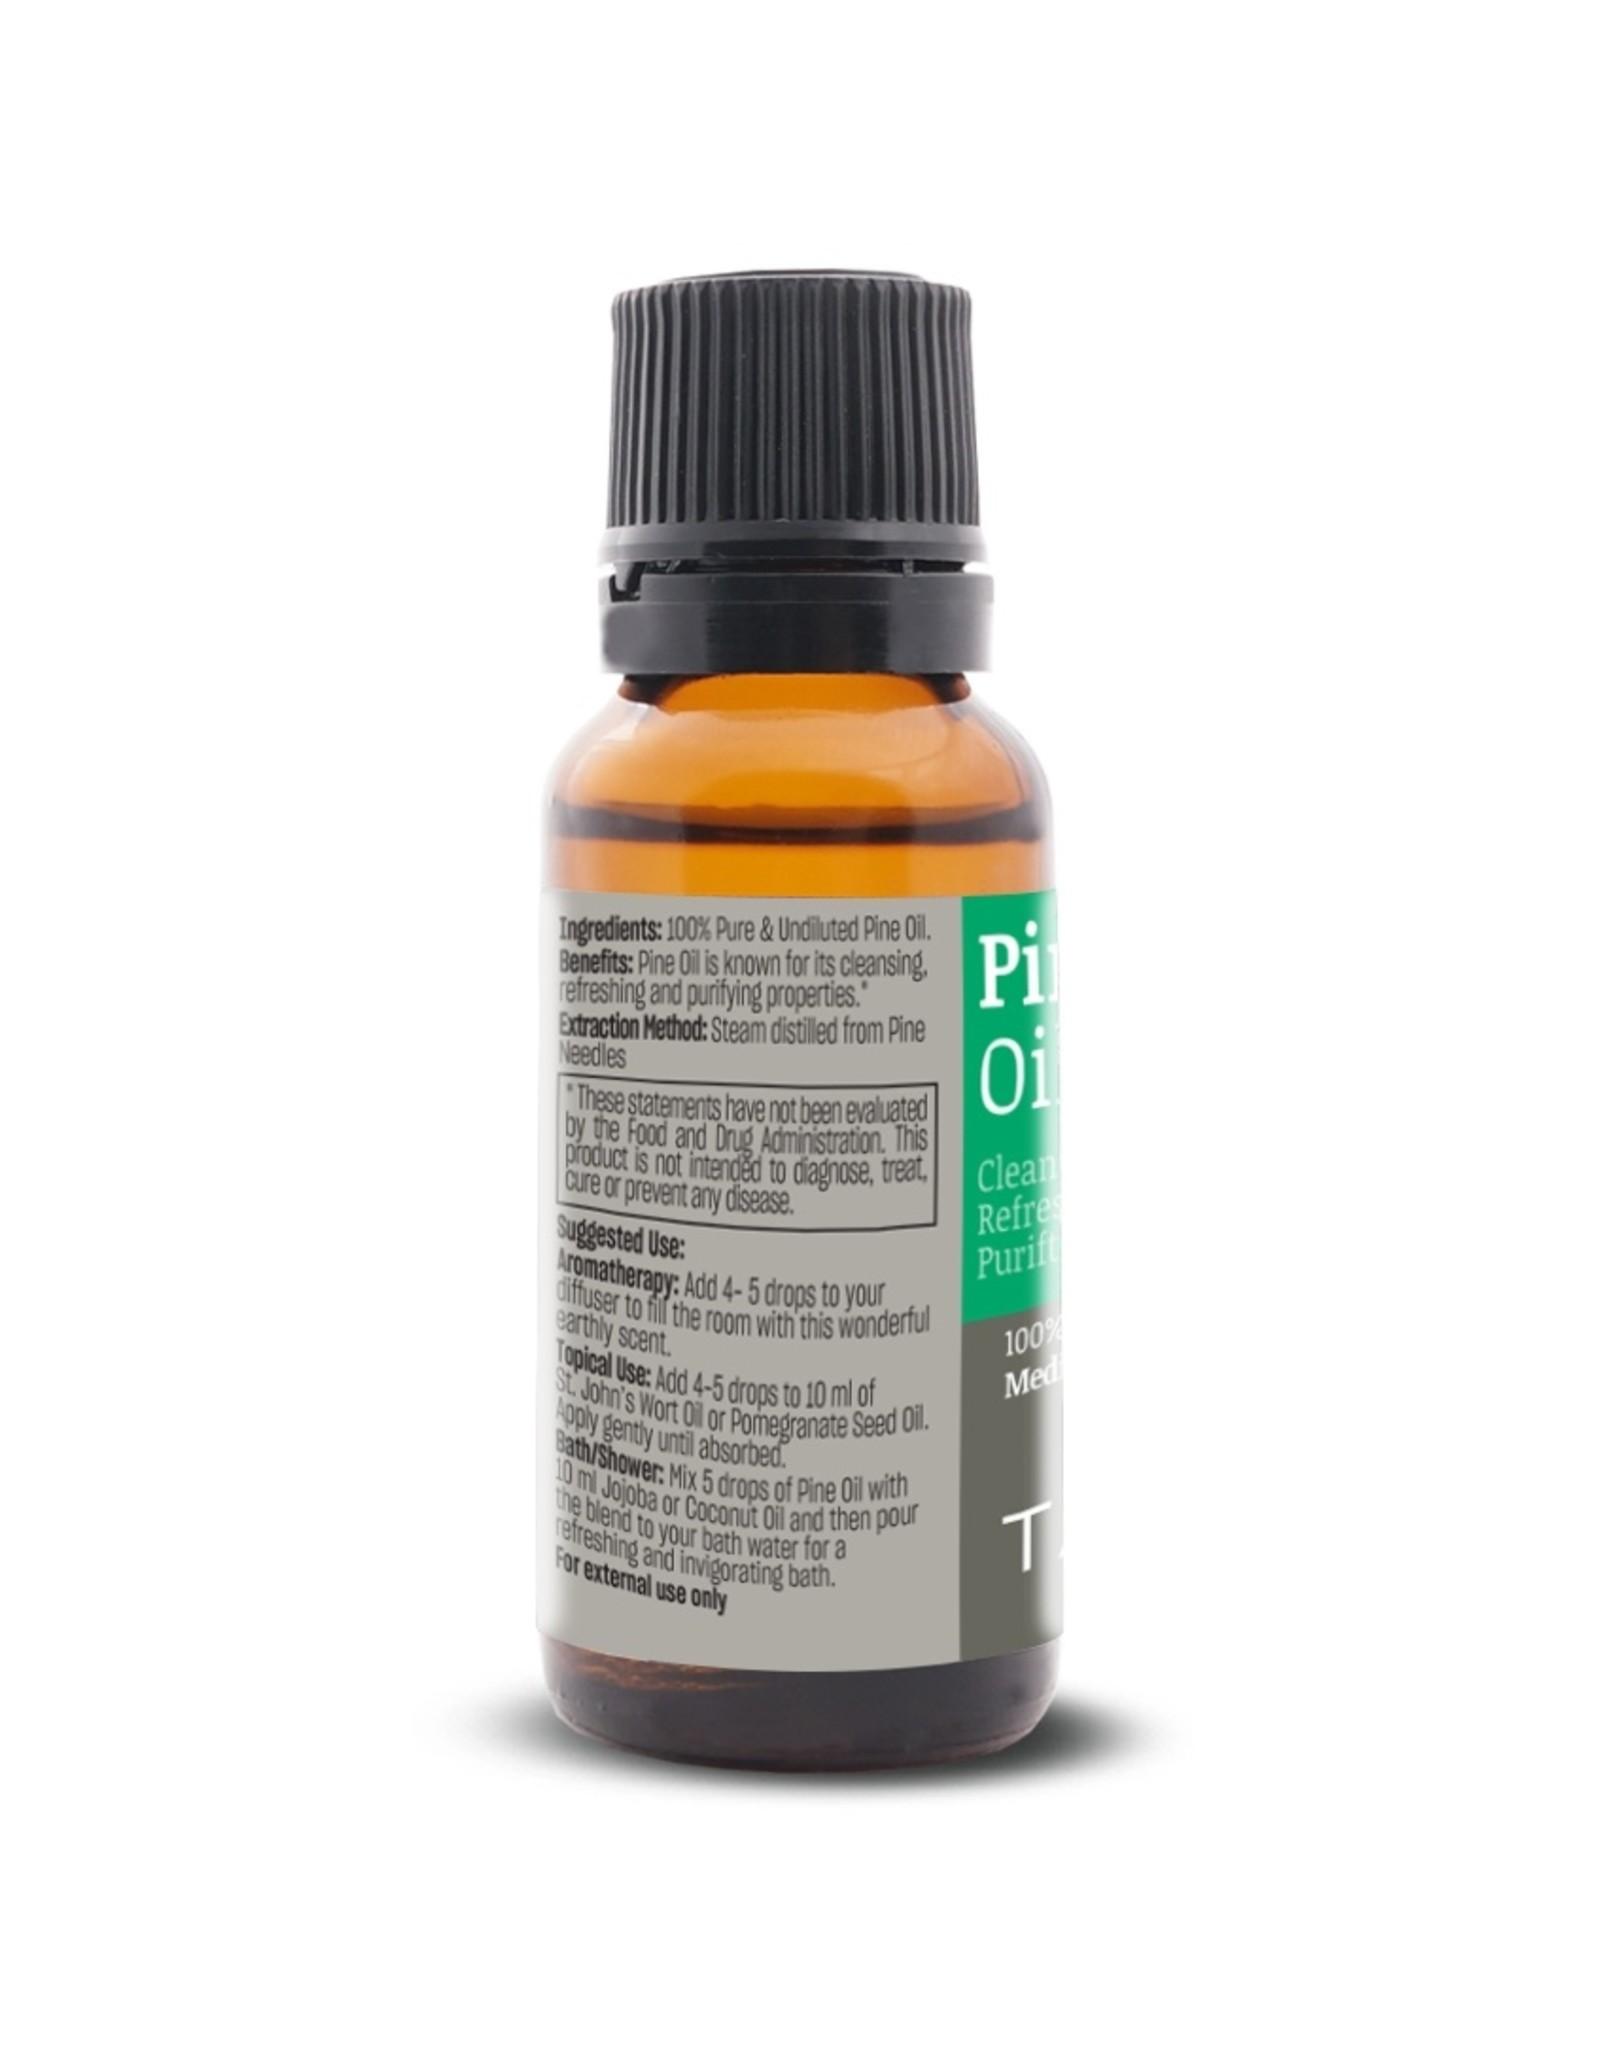 TALYA Talya Çam Yağı 20 ml (100% Doğal Katkısız Esansiyel Çam Yağı)